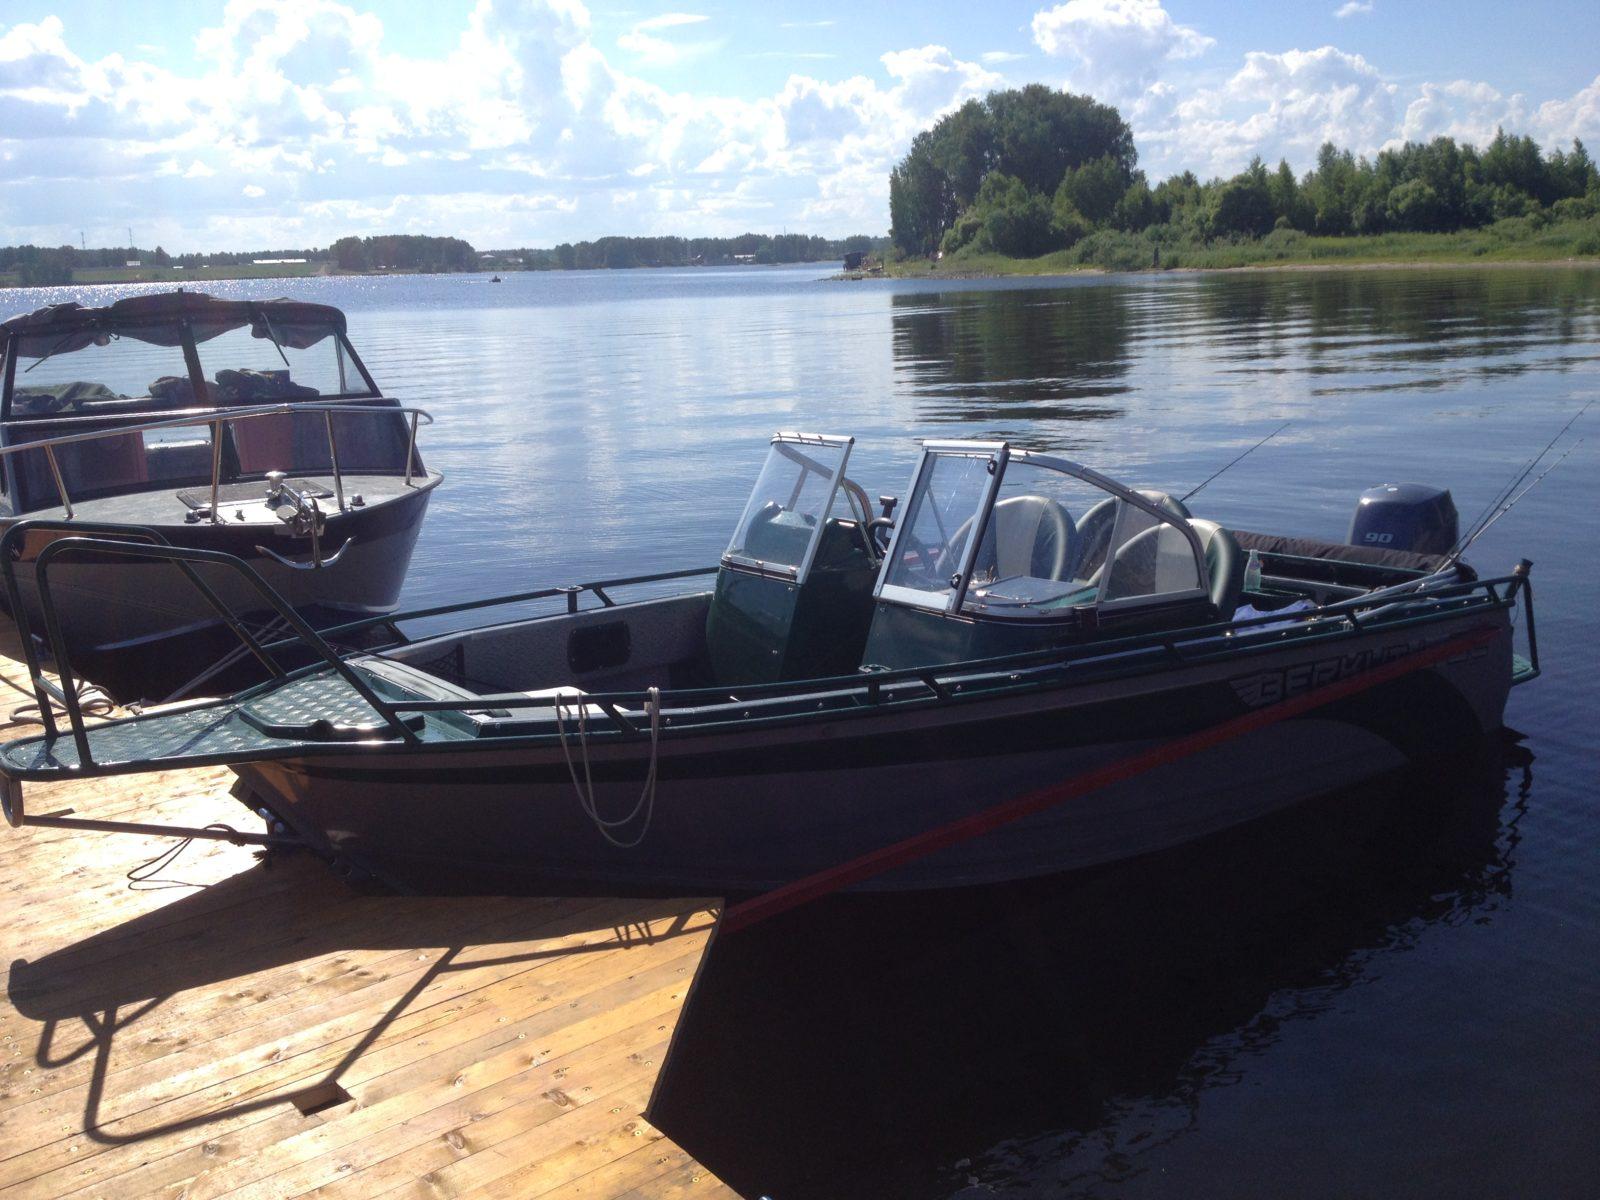 катера у причала рыбалка охота и отдых рыболовная база Черкасово рыбинское водохранилище 3 - наши катера у причала